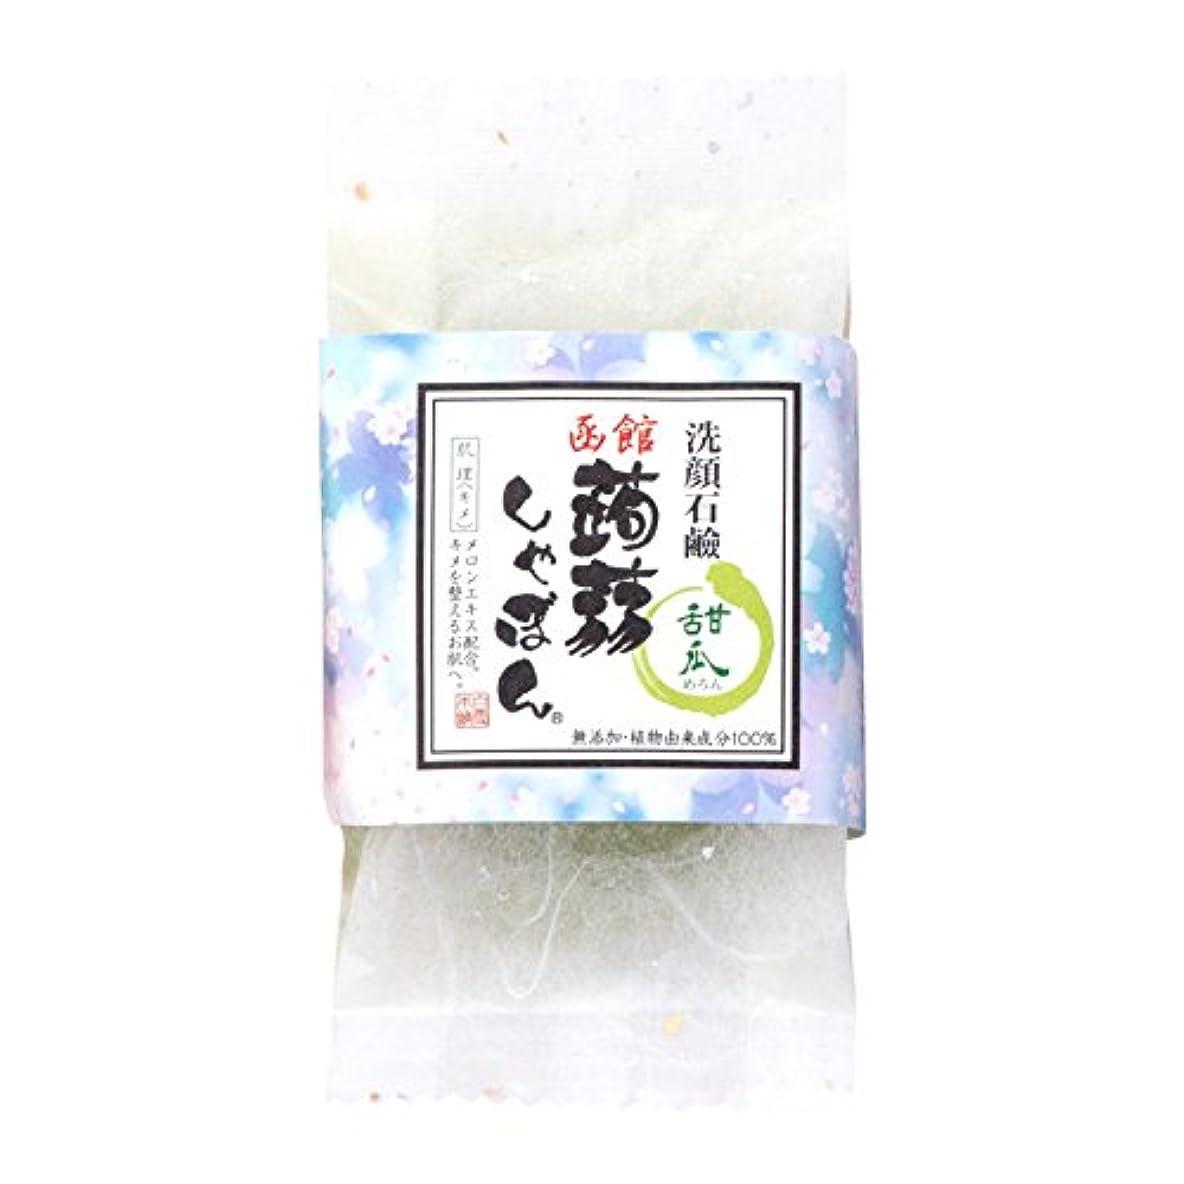 浮く画面ギャロップ函館蒟蒻しゃぼん函館 甜瓜(めろん)